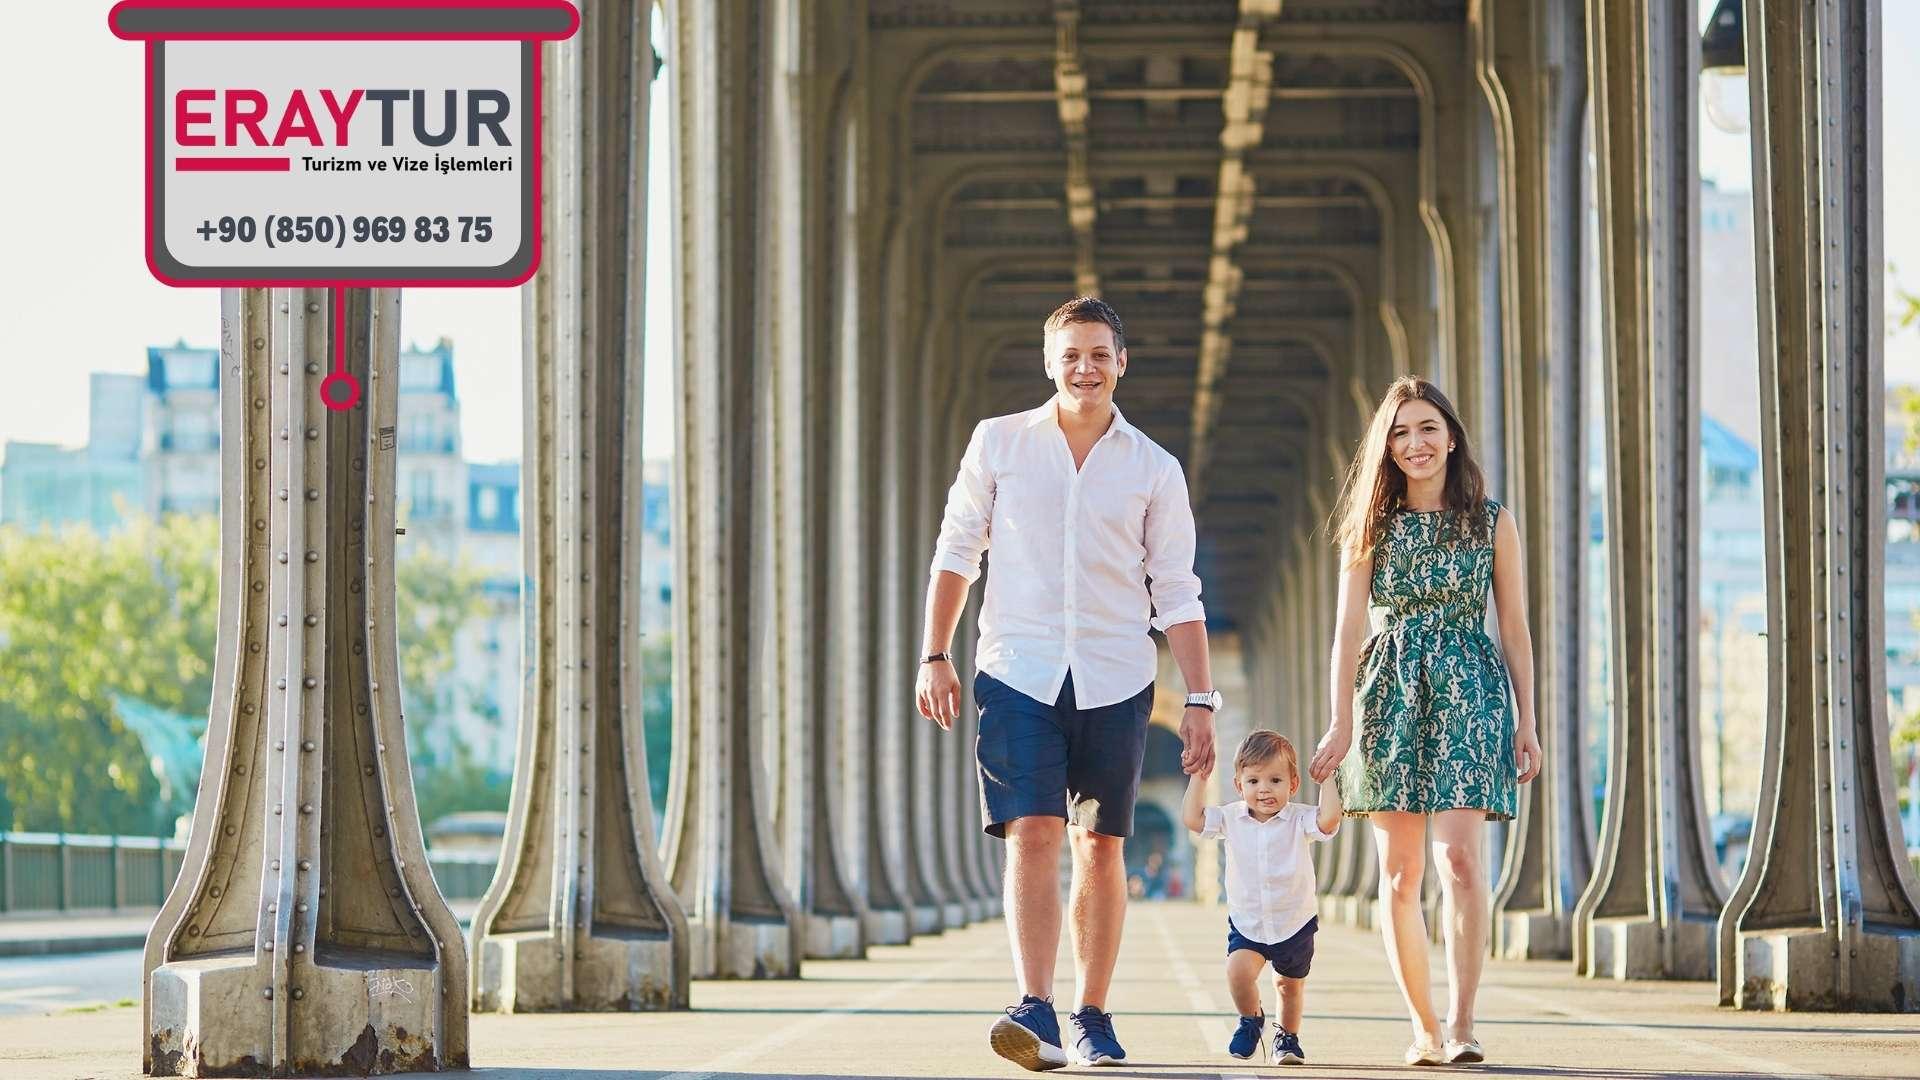 Fransa Aile Ziyareti Vize Ücreti